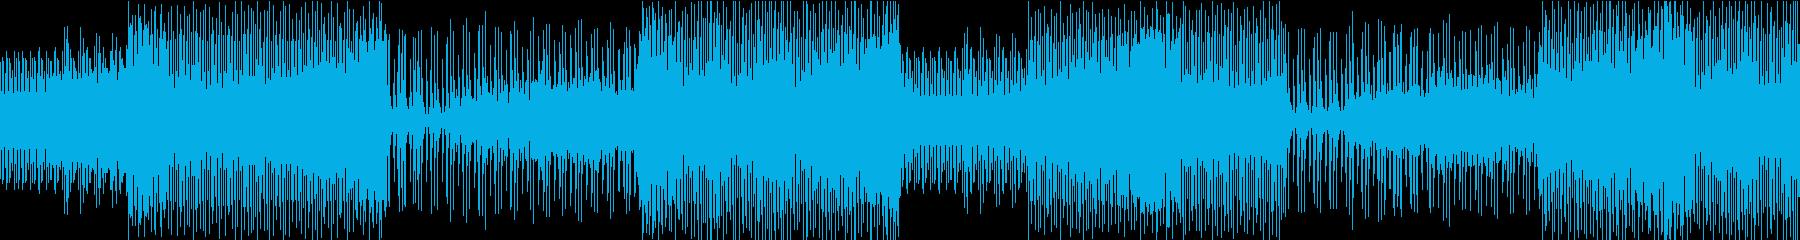 ウッドベースが目立つ緊迫感のあるBGMの再生済みの波形